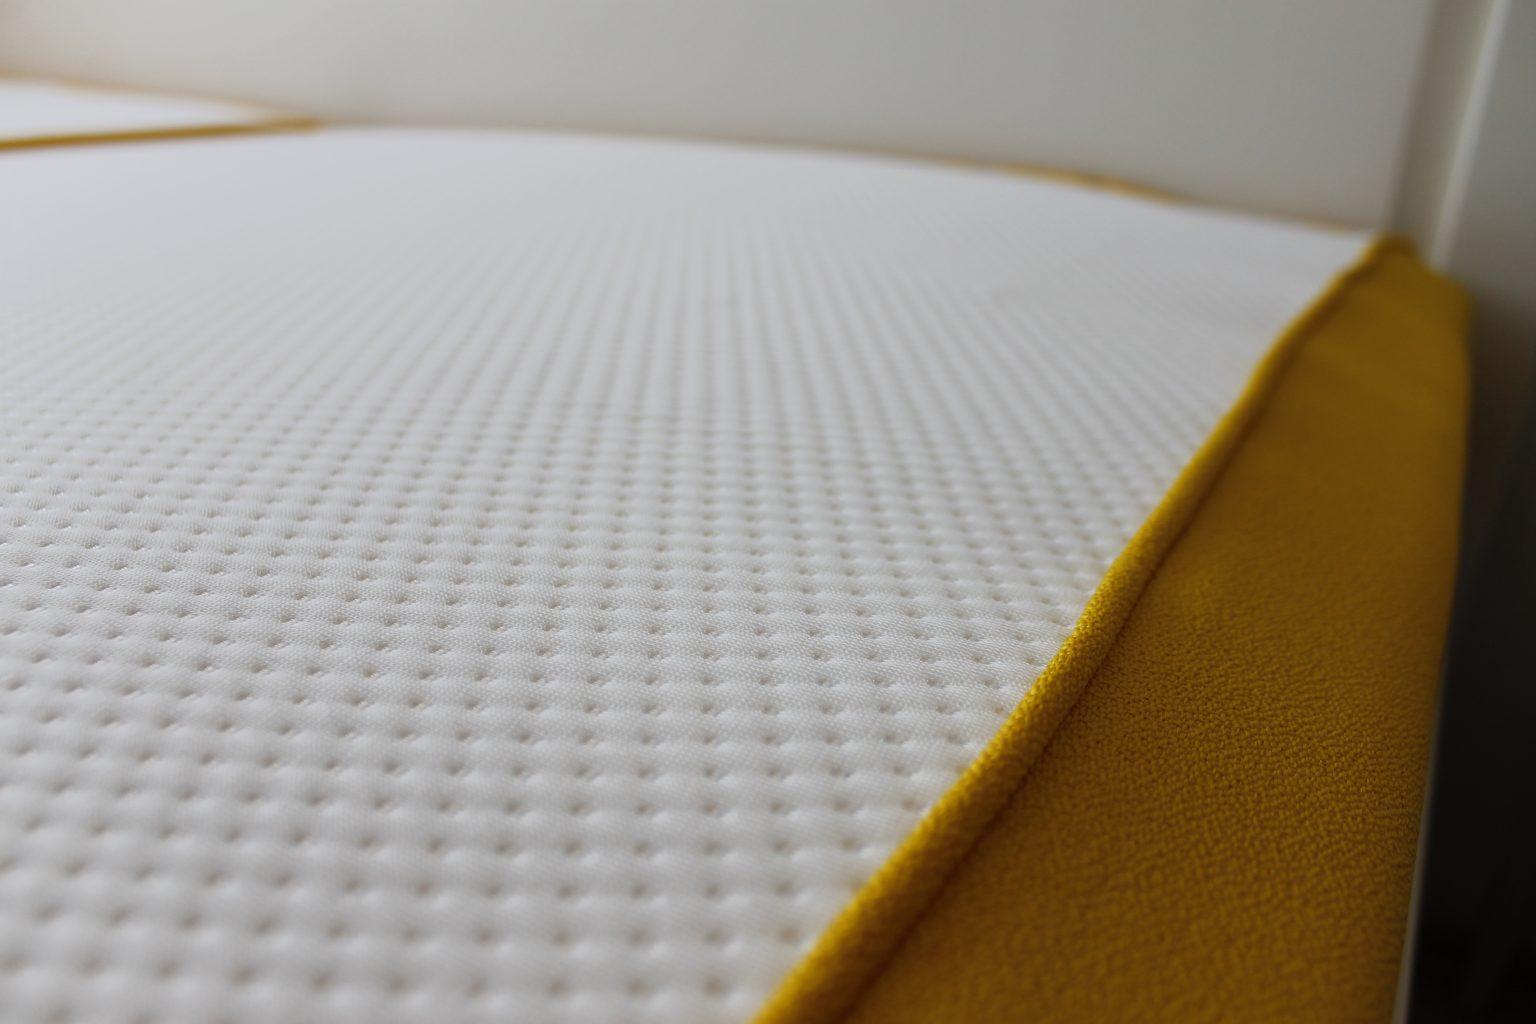 matratze 100 tage testen im bett mit der emma matratze shia 39 s welt matratzen testen und 100. Black Bedroom Furniture Sets. Home Design Ideas